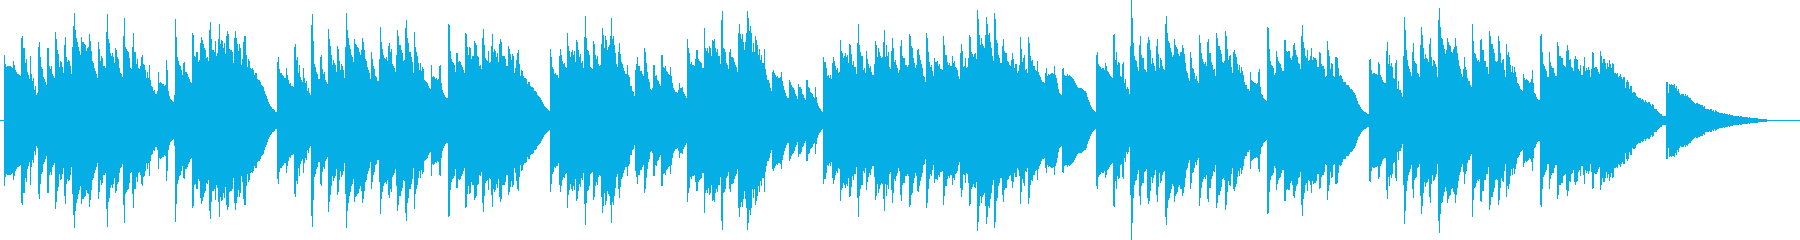 記念日や誕生日 安らぐオルゴール曲の再生済みの波形